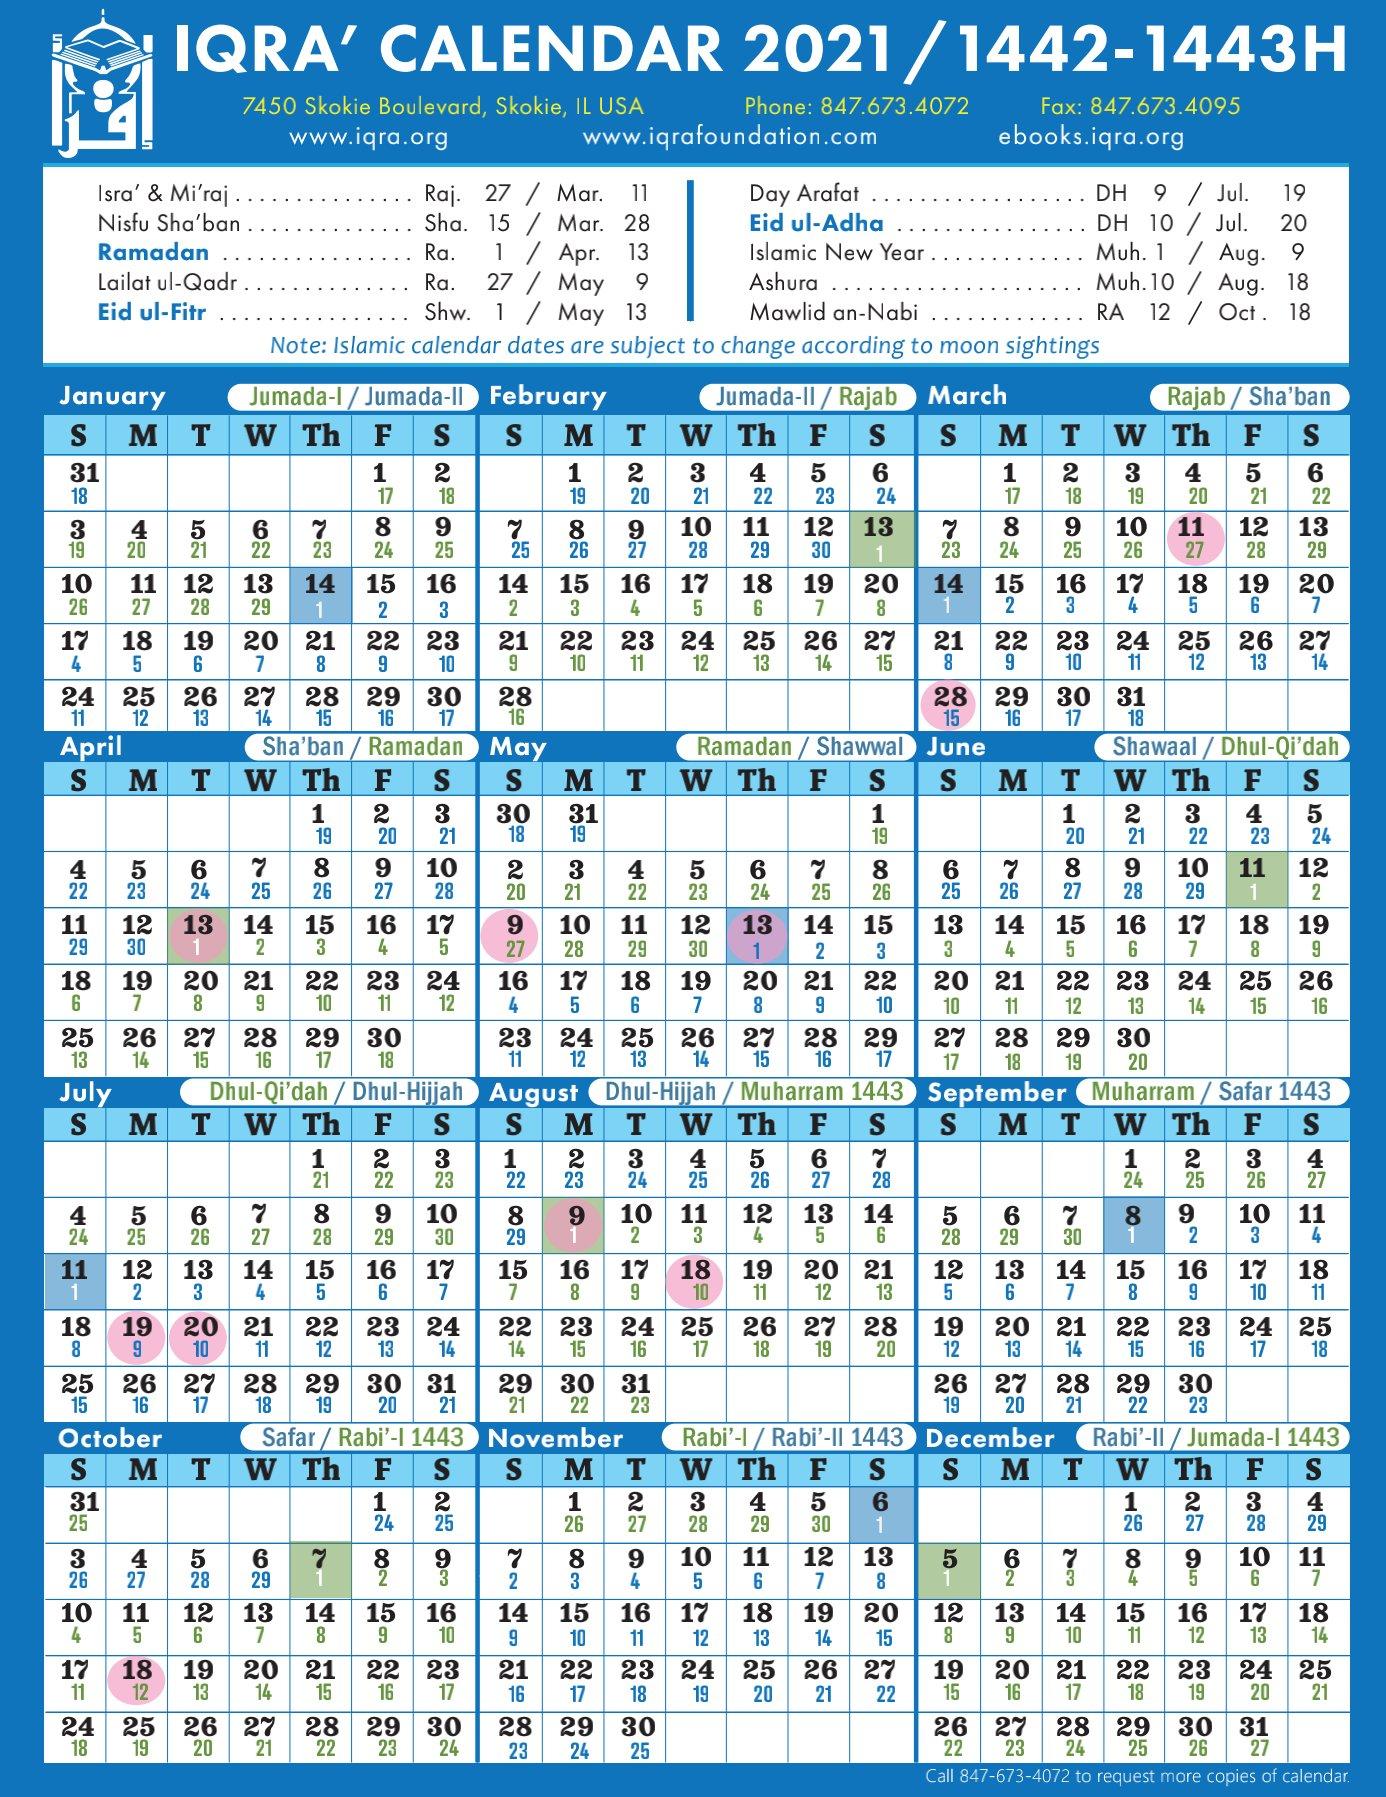 আজ বাংলা,ইংরেজি,আরবি কত তারিখ ২০২১-আজকের আরবি,বাংলা,ইংরেজি তারিখ | Today Date Bangla English Arabic 2021